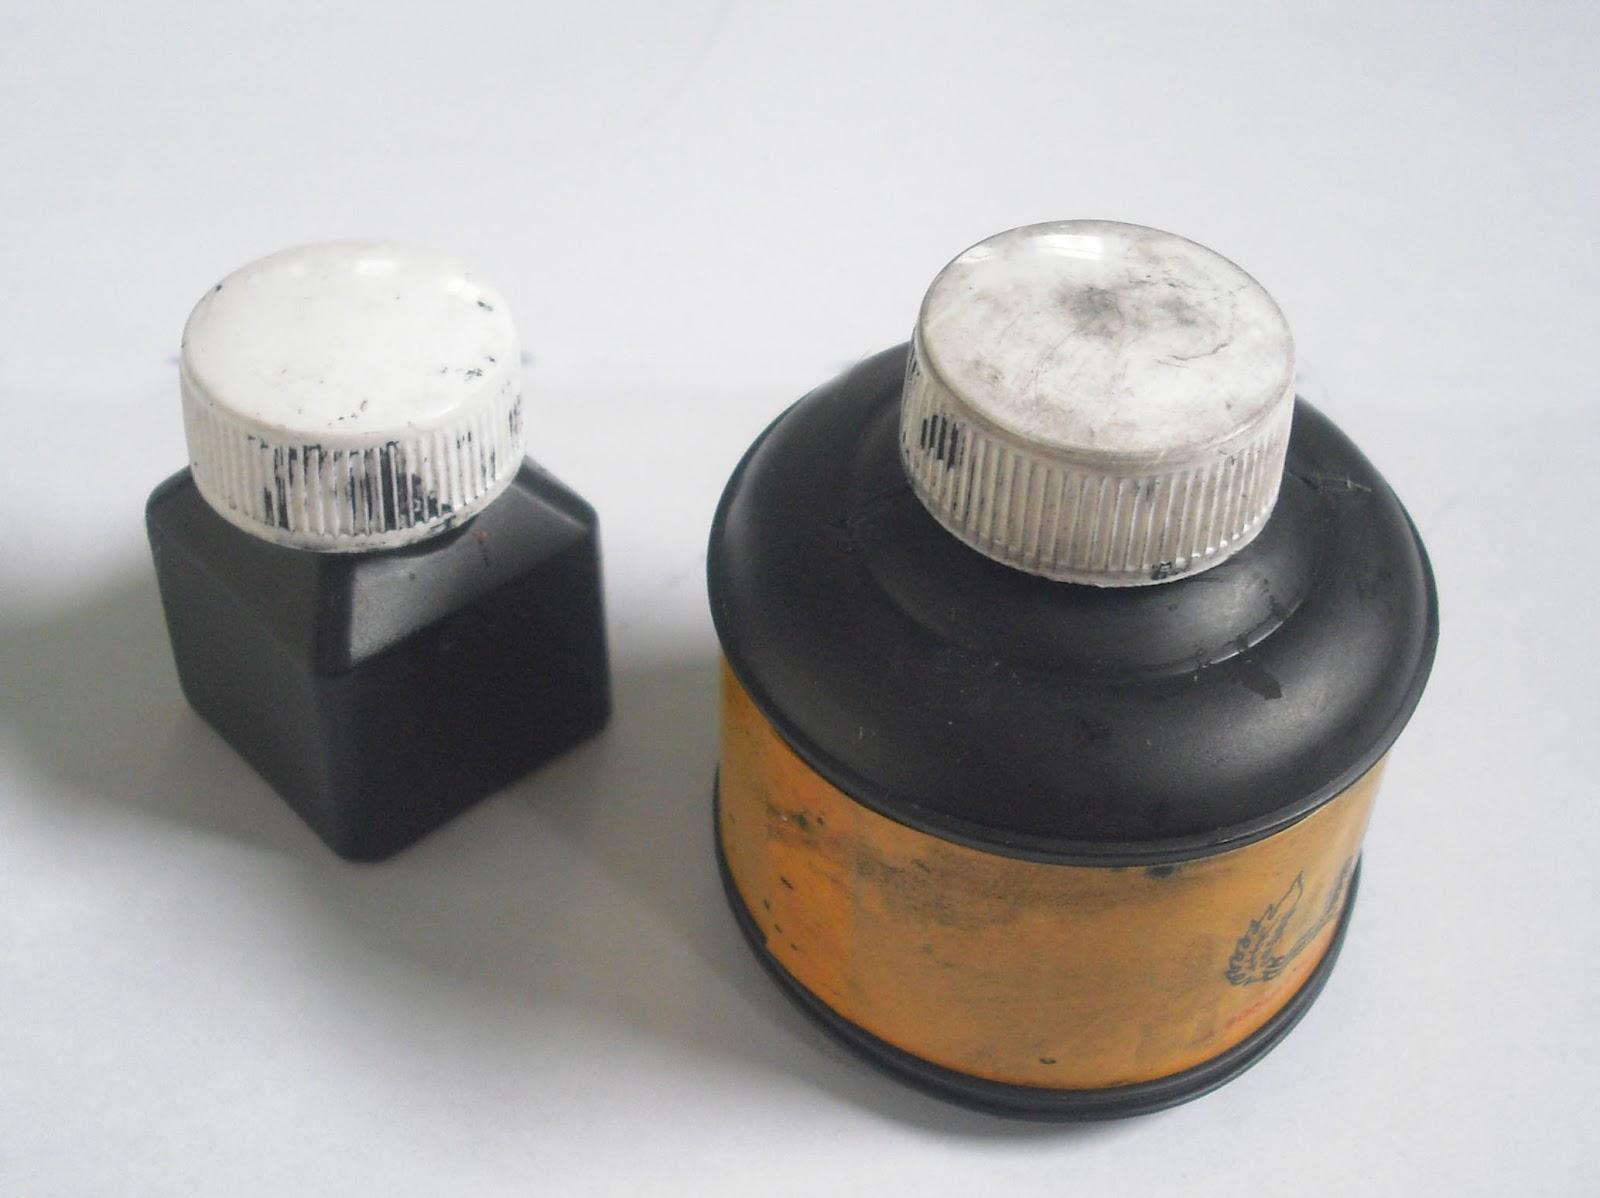 Tinta gambar dengan harga kisaran Rp 1000 dan Rp 3000